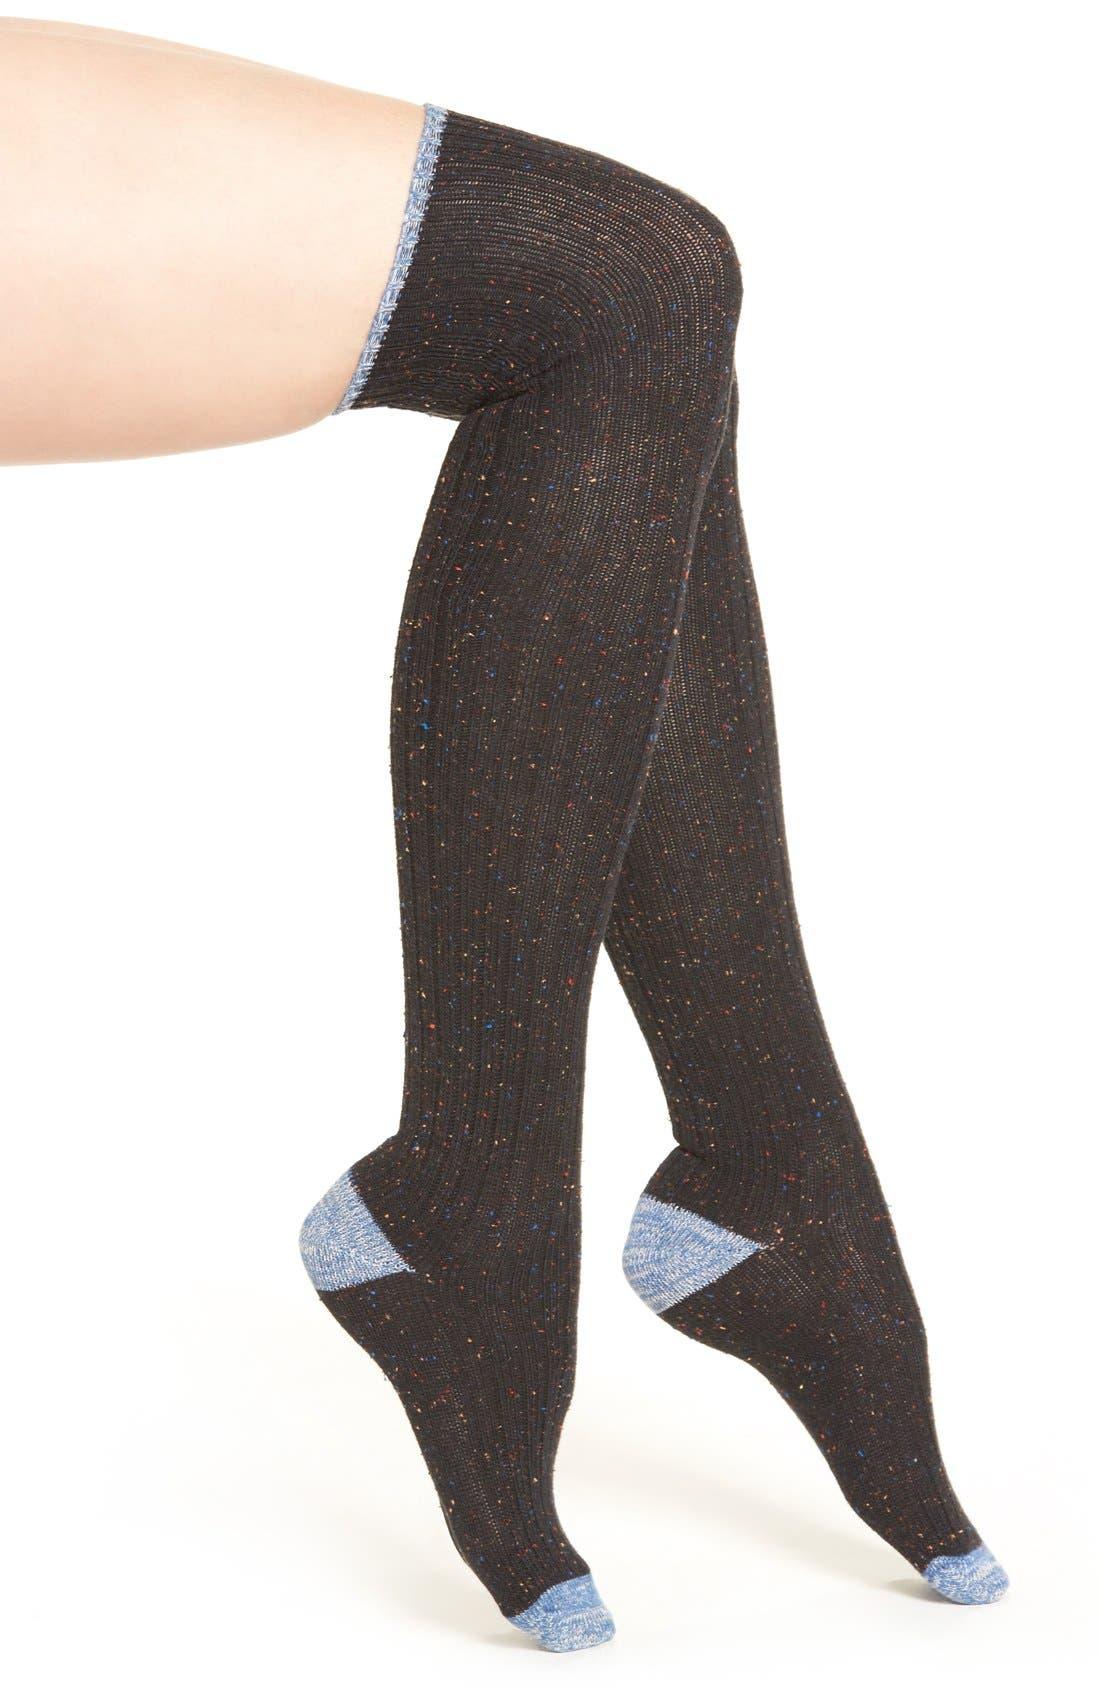 Alternate Image 1 Selected - Lemon 'Falling Leaves' Over The Knee Tweed Boot Socks